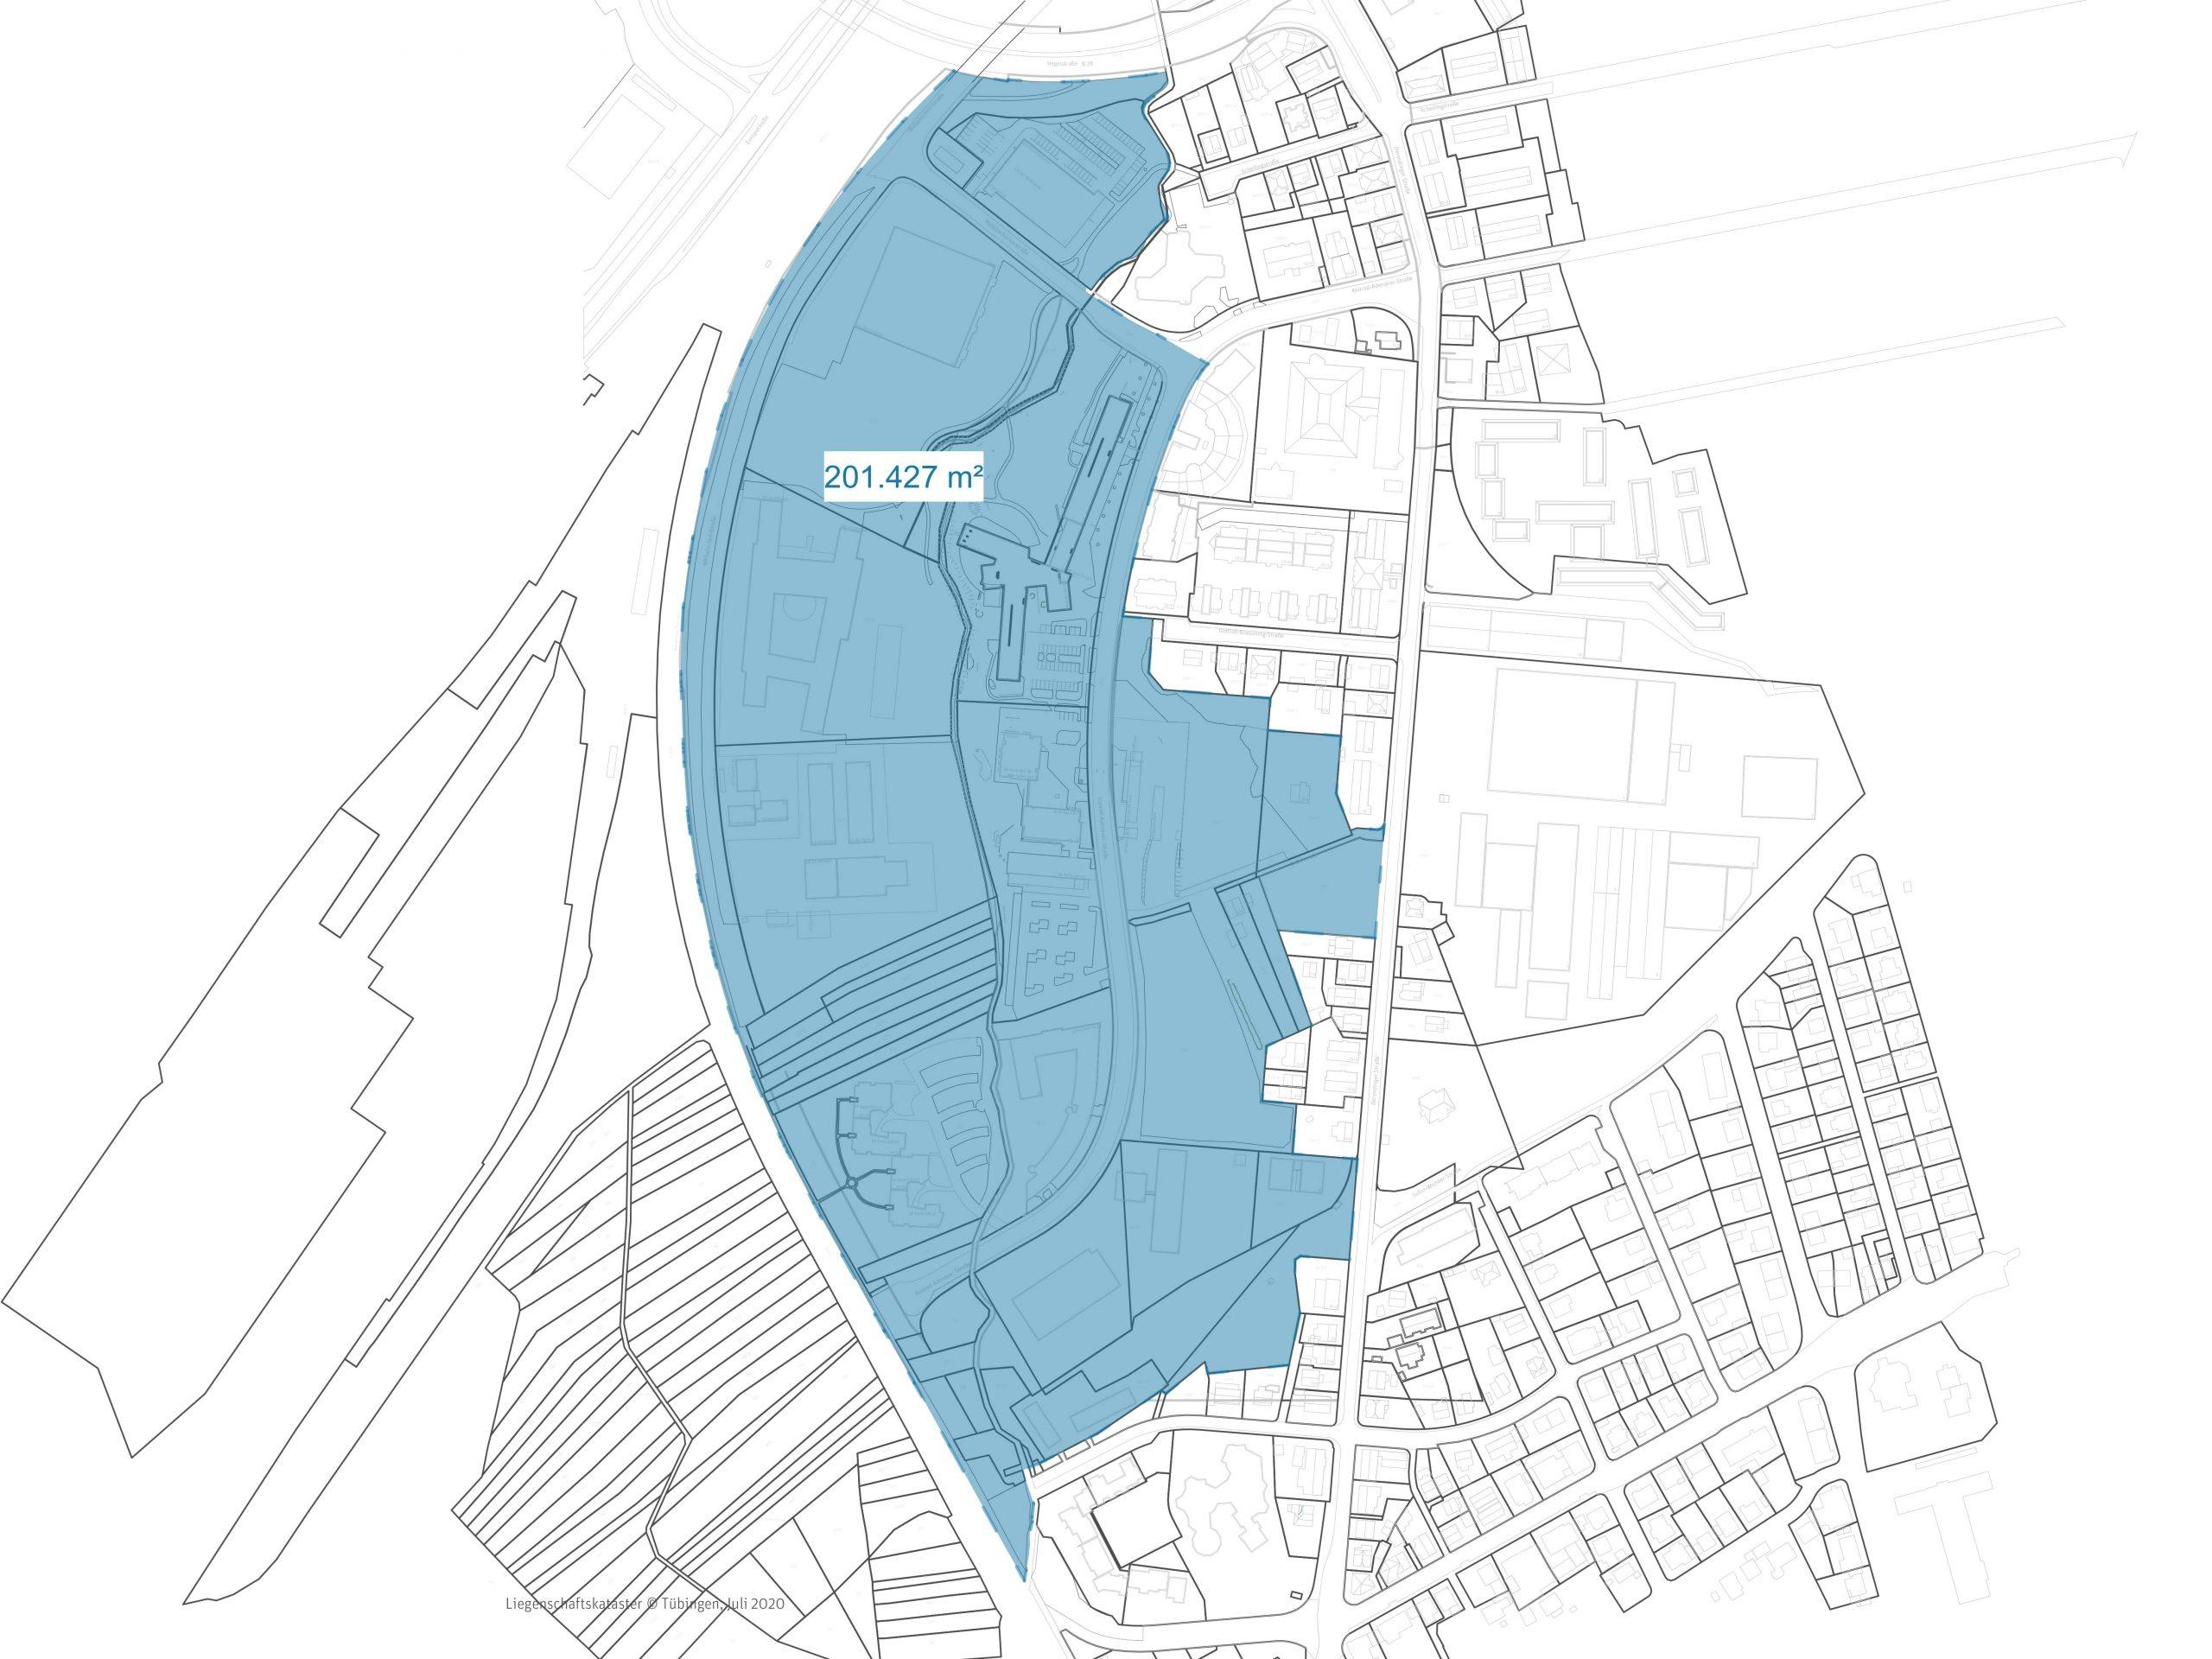 Universitätsstadt Tübingen, Quartiersentwicklung Mühlbachäcker, Einphasiger, nichtoffener, städtebaulicher Wettbewerb